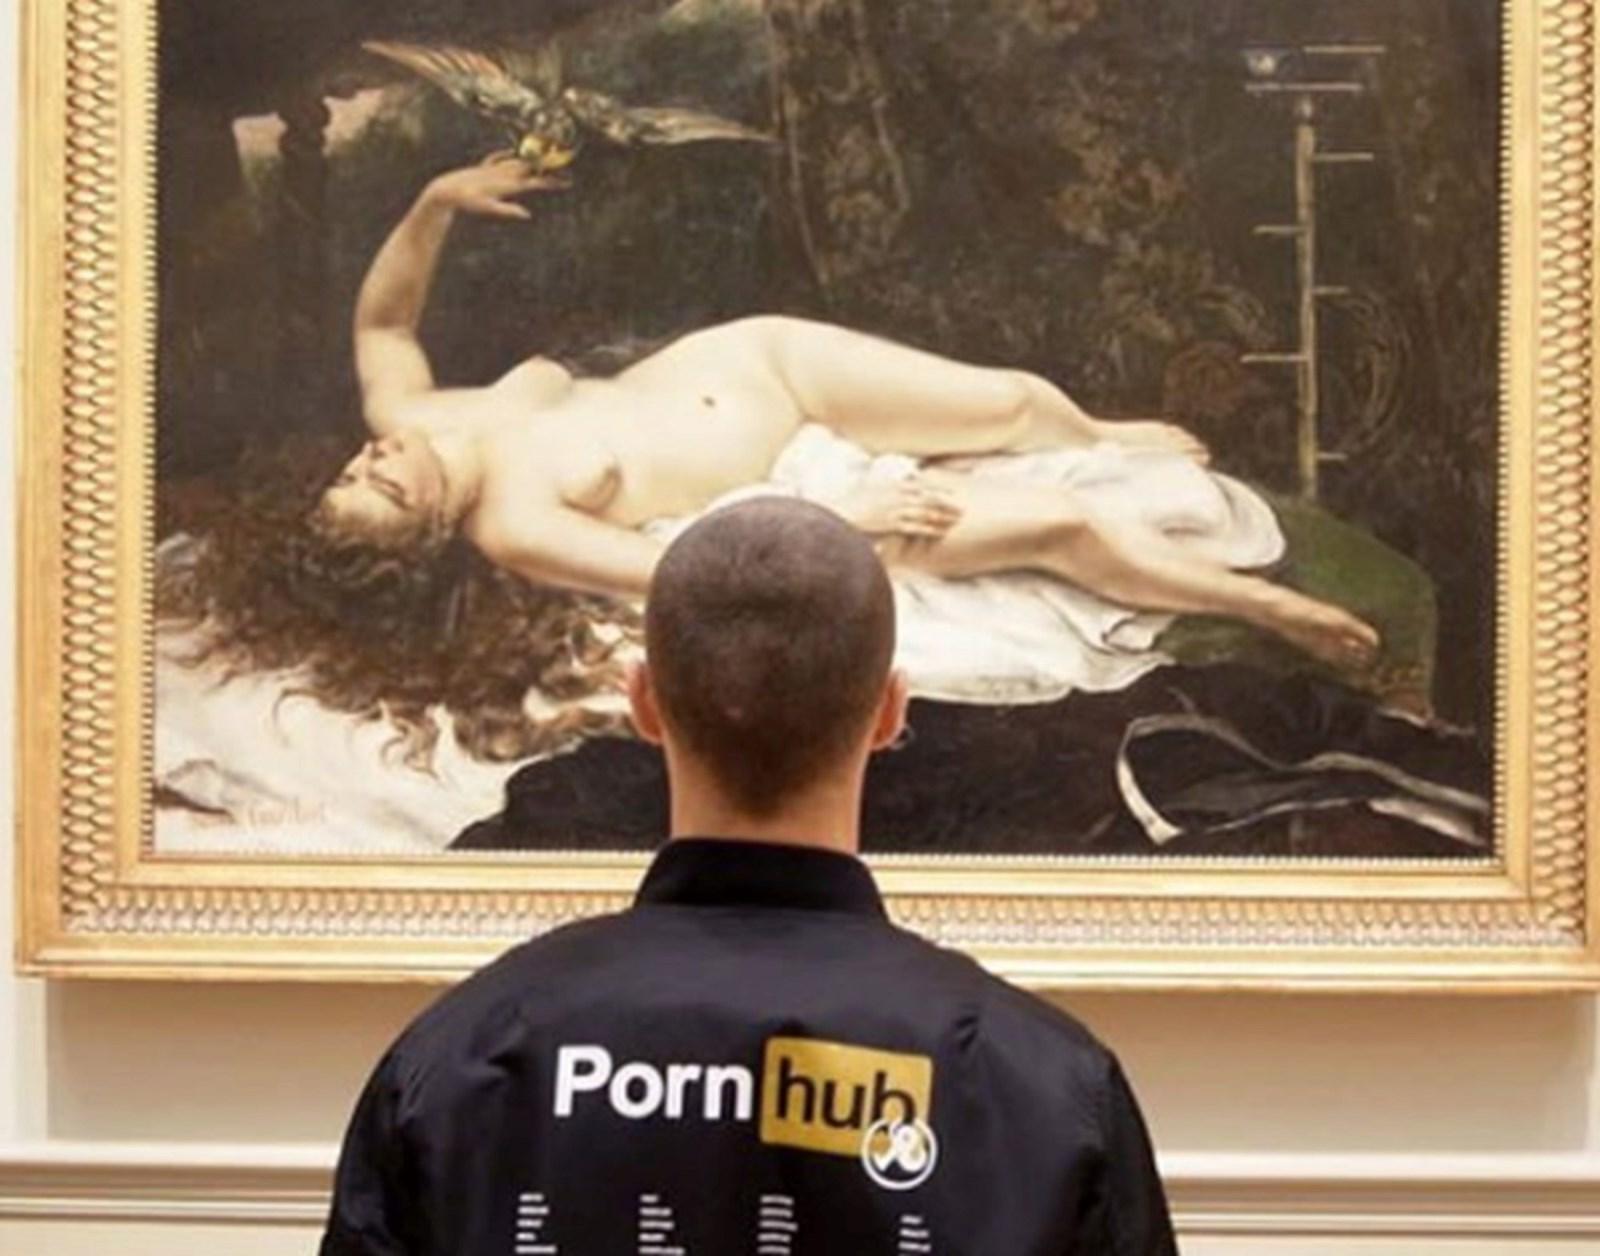 Großbritannien bekommt einen Pornofilter